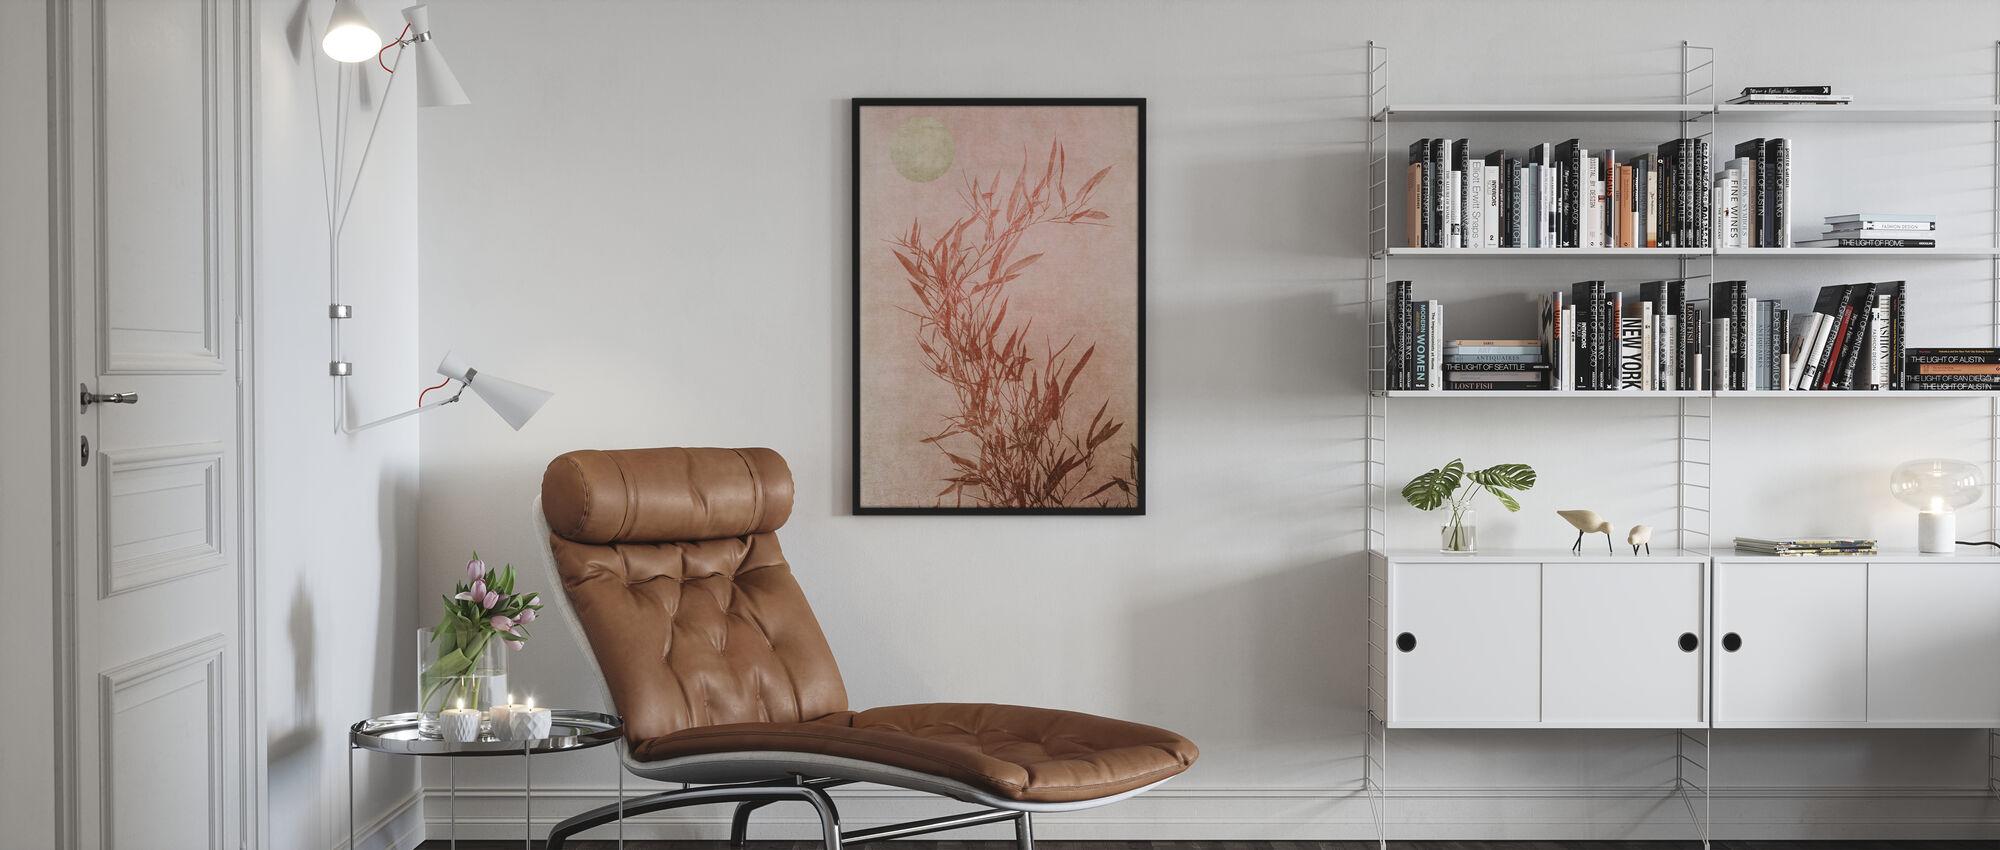 Sentimental Touch - Framed print - Living Room